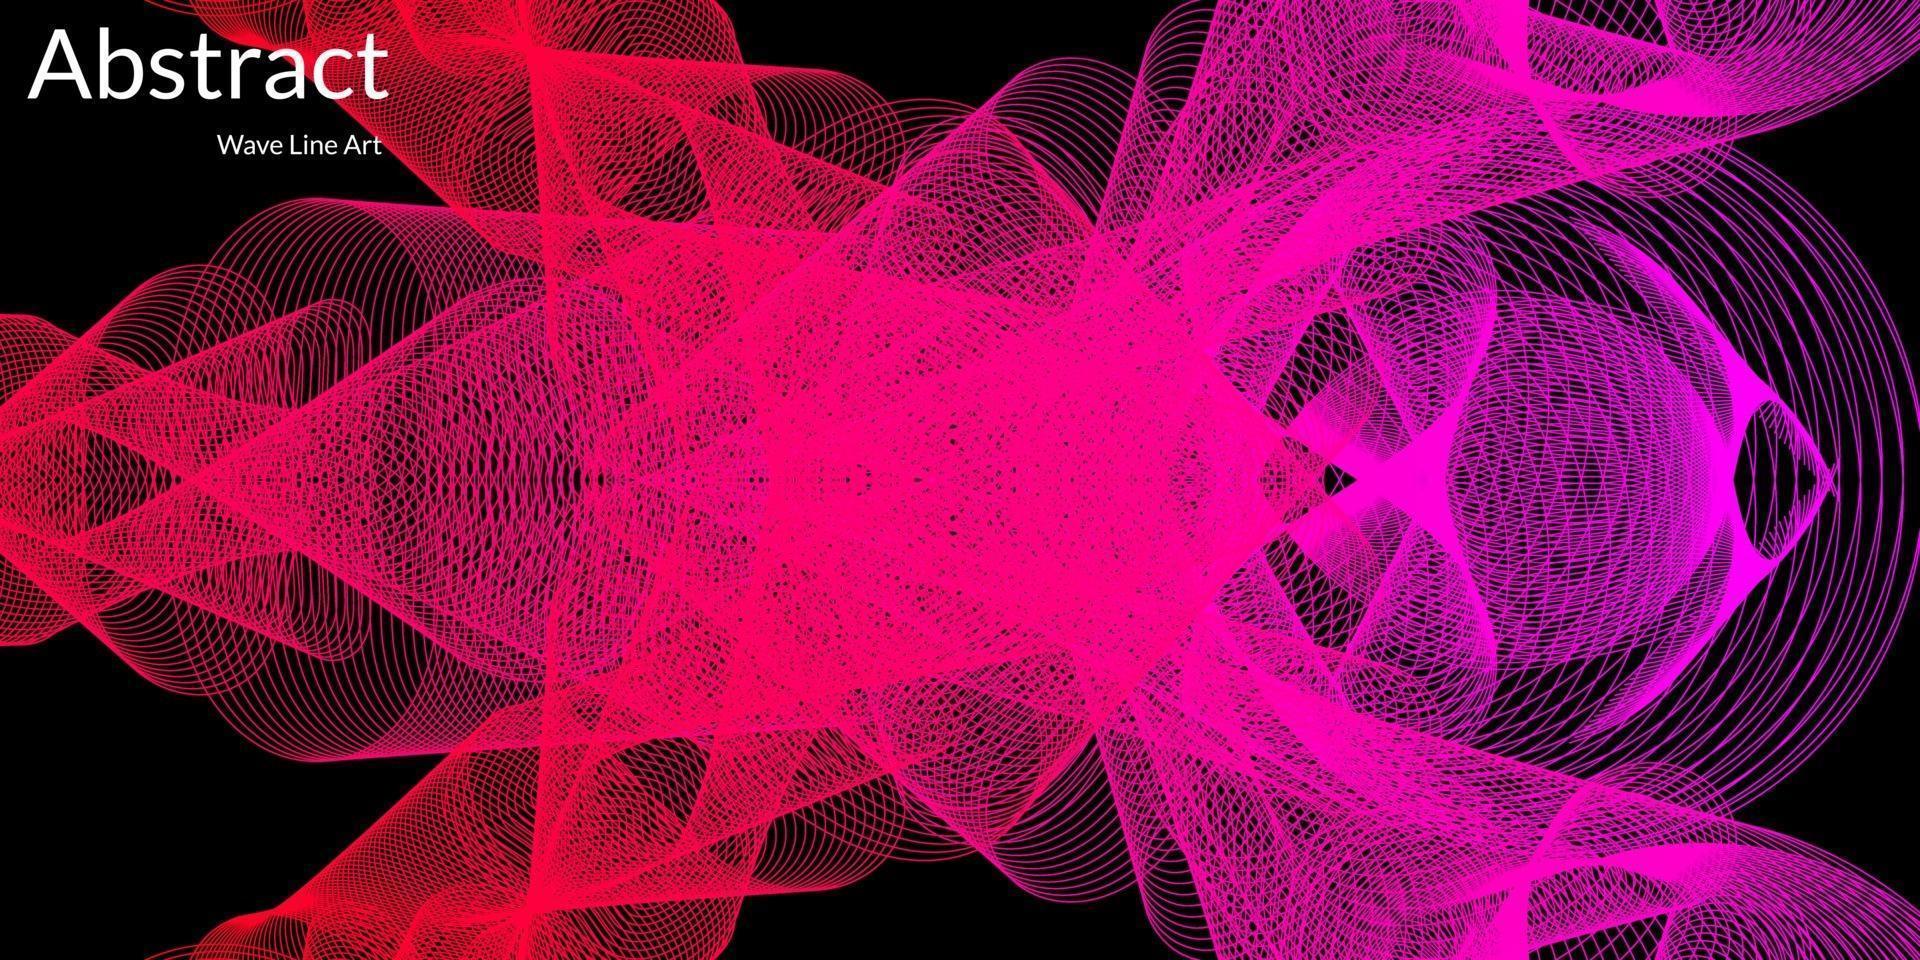 moderne abstracte achtergrond met golvende lijnen in paarse en rode gradaties. golflijntekeningen, gebogen glad ontwerp. vector illustratie